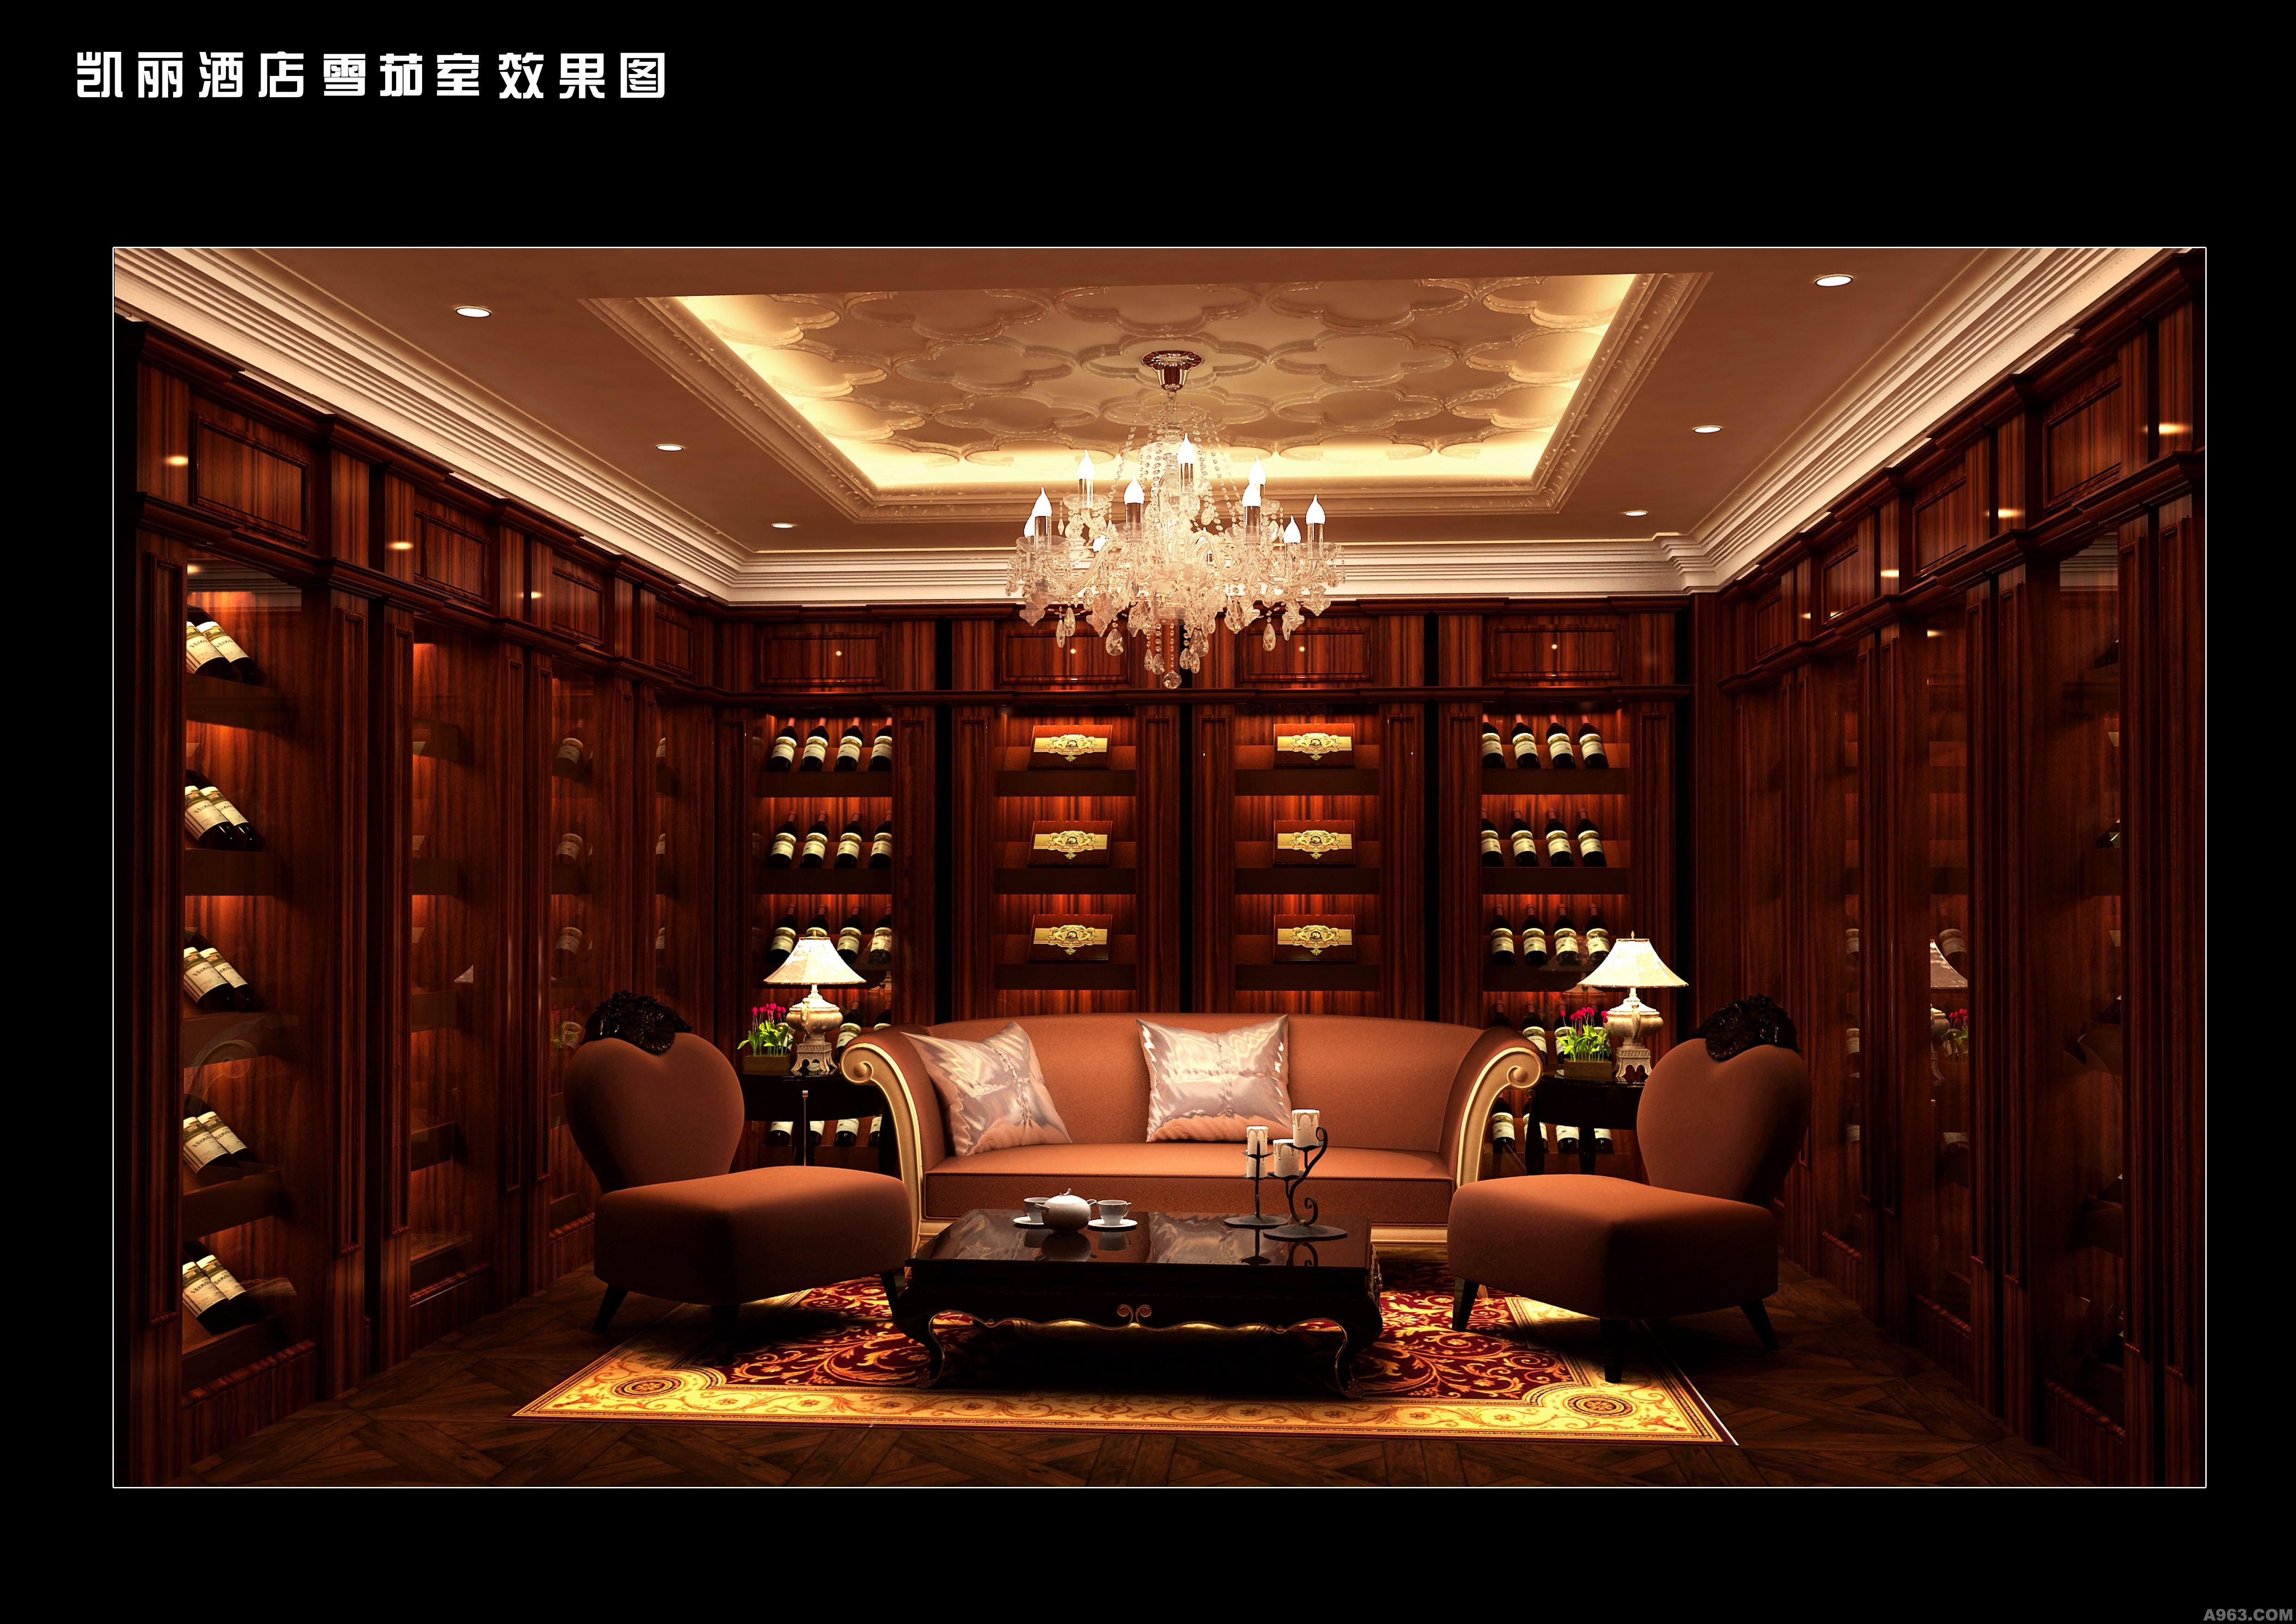 葫芦岛凯丽酒店会所-雪茄红酒区